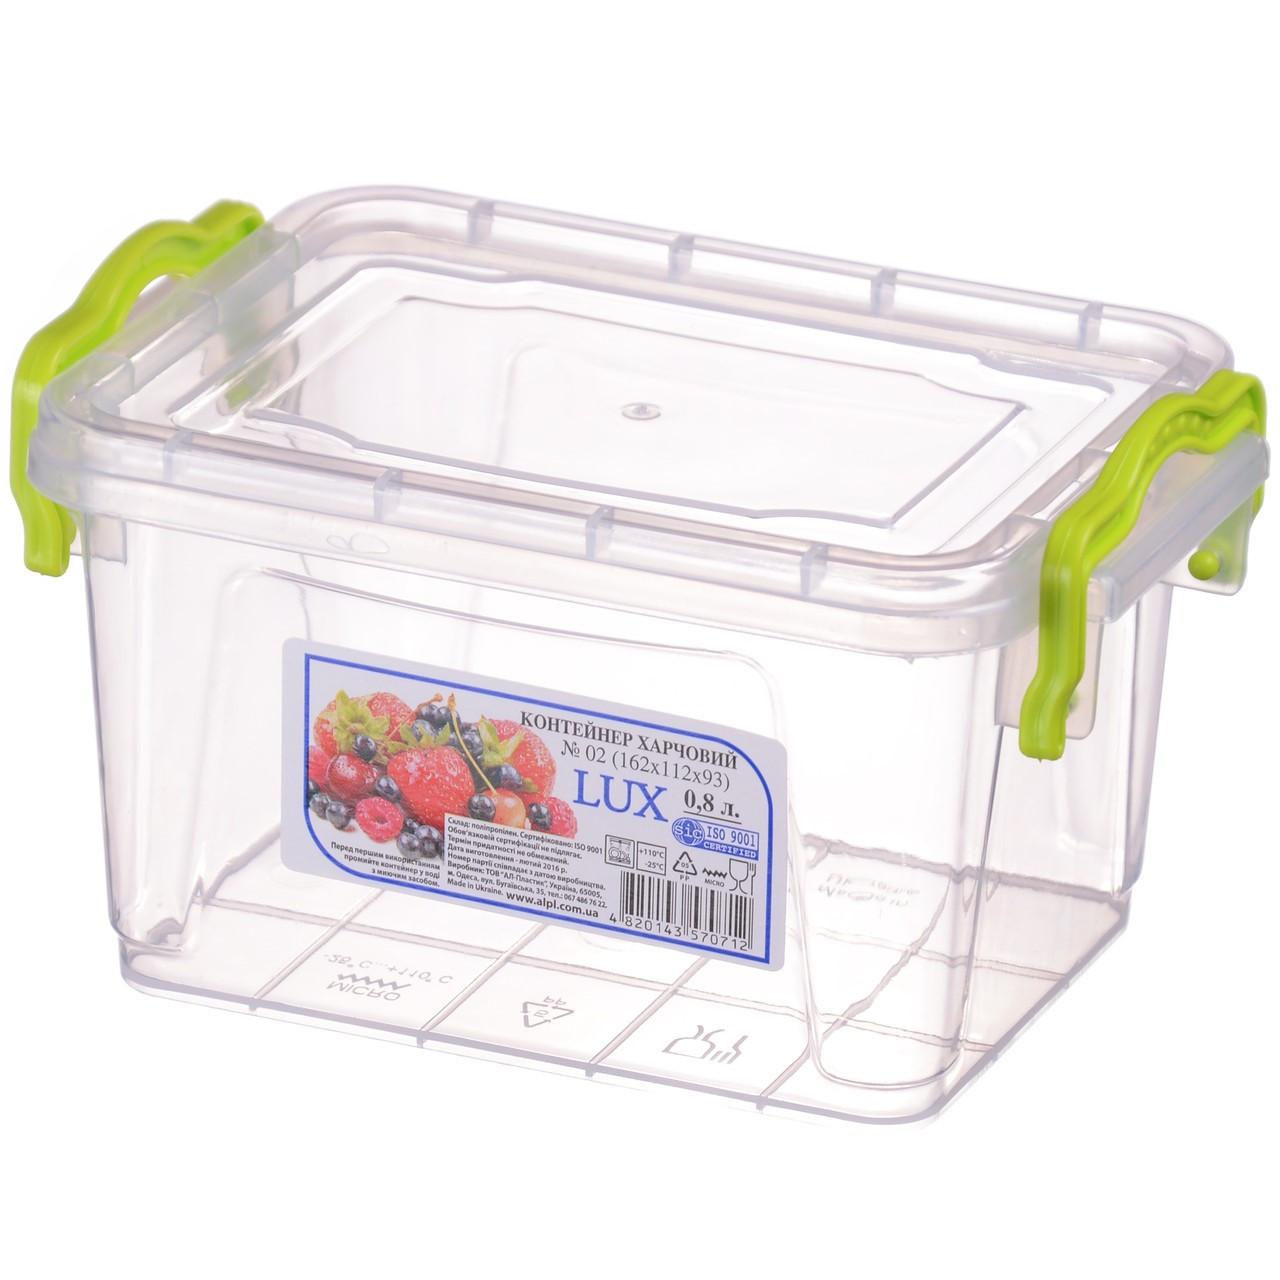 Контейнер для еды Ал-пластик LUX №5 объём 0.8 л  с ручками